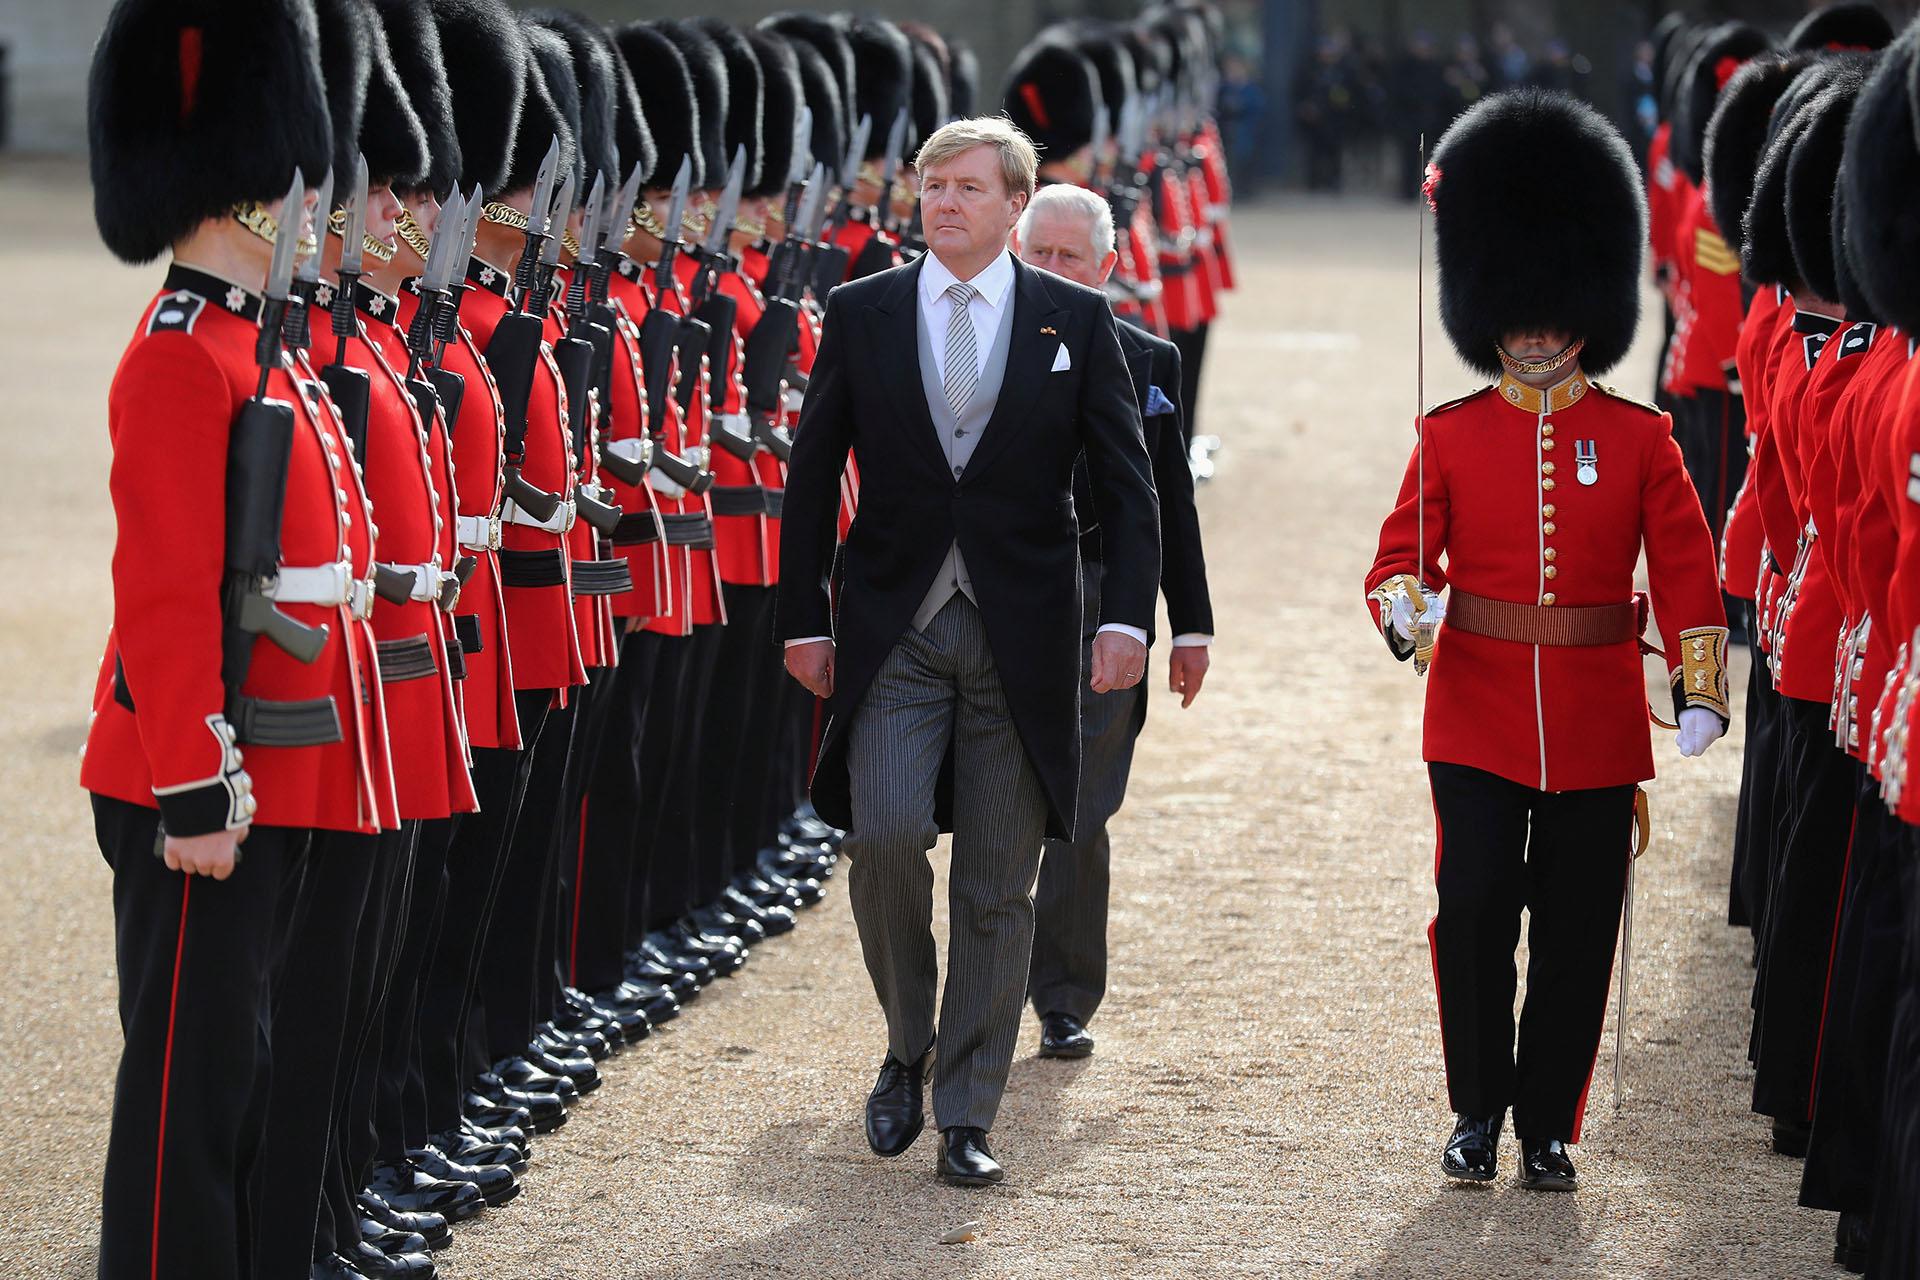 El rey de los Países Bajos y el príncipe Carlos caminan custodiados por la Guardia de Honor durante la bienvenida ceremonial al comienzo de una visita de Estado de dos días